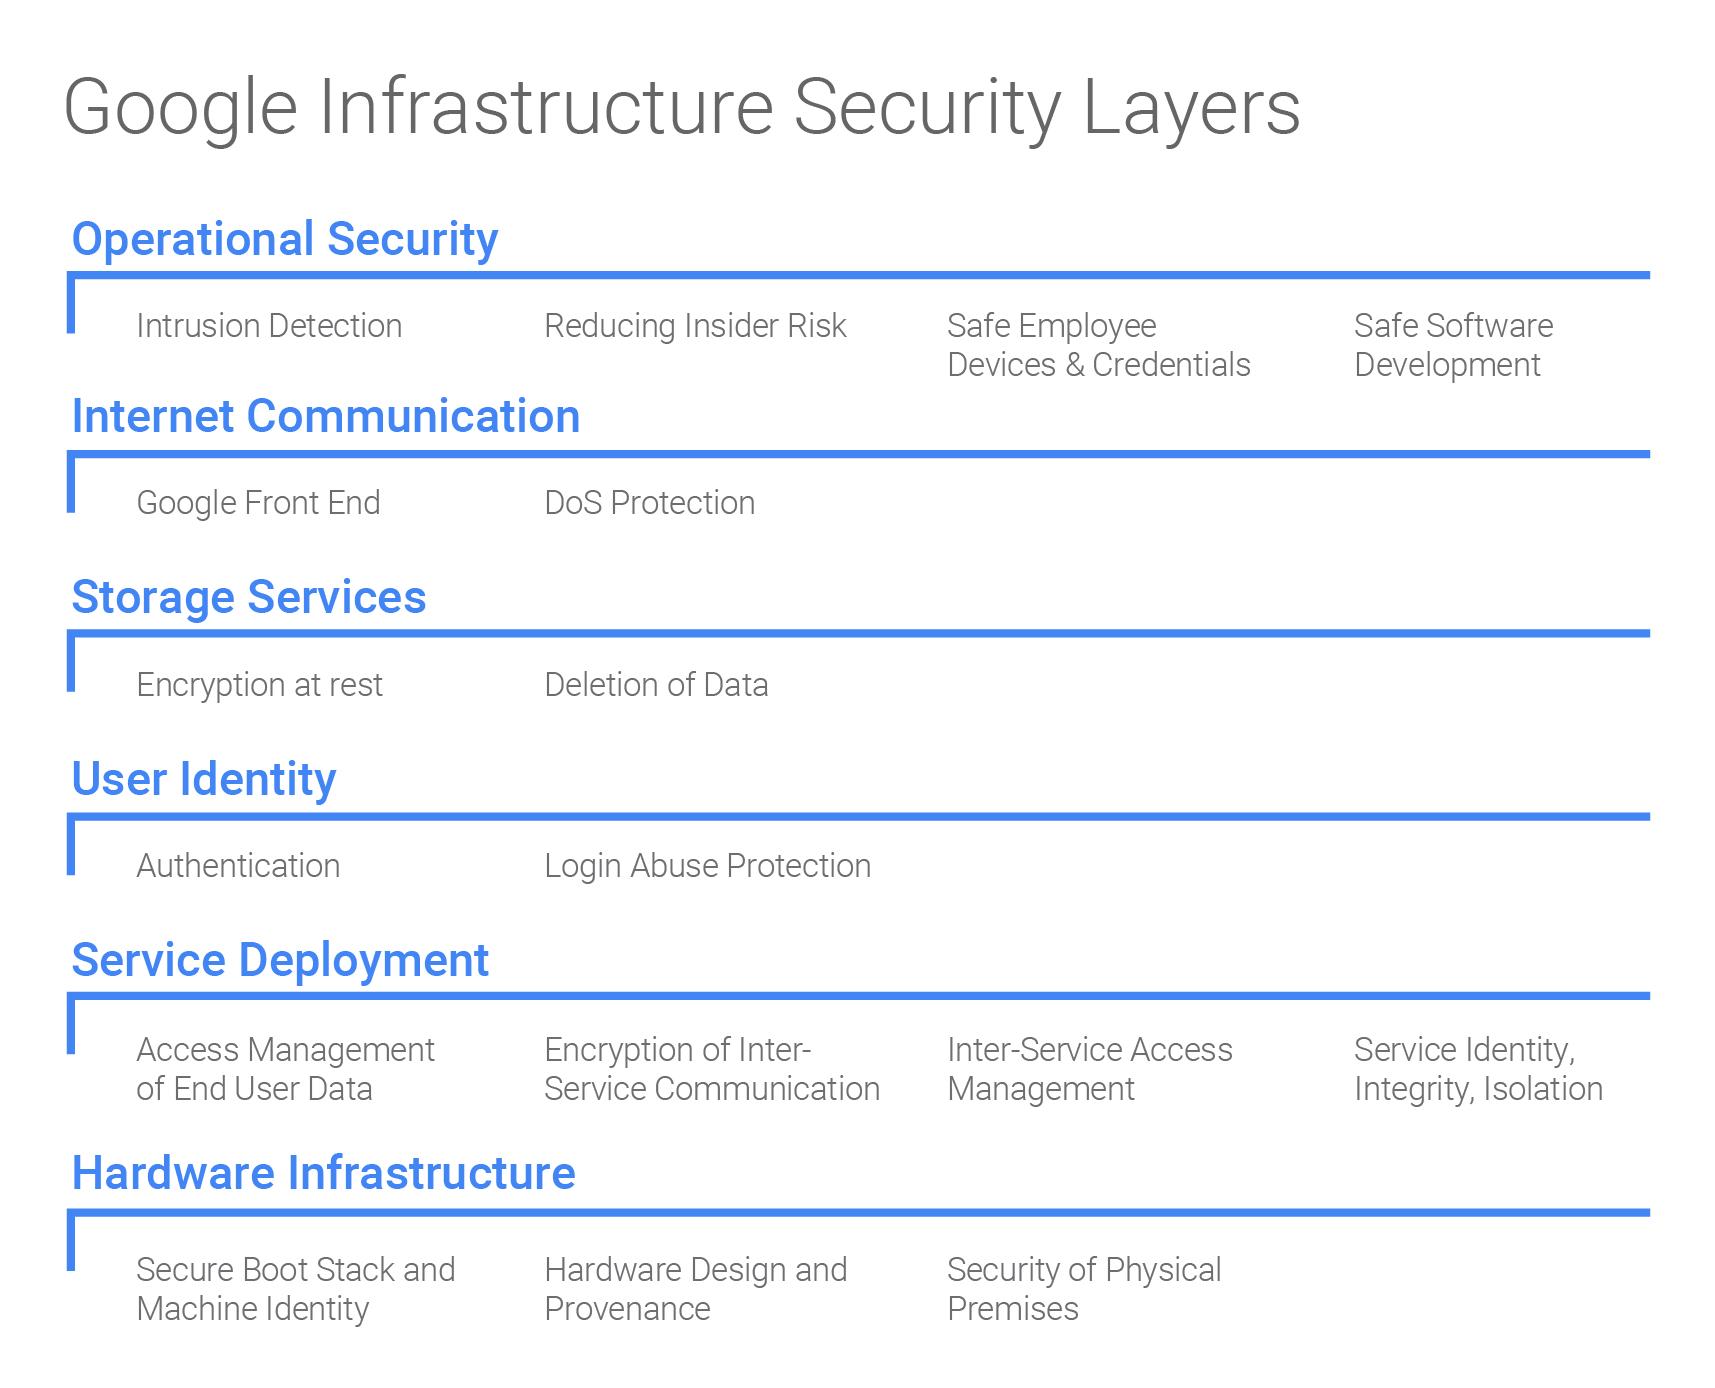 安全层包括运营安全性、互联网通信、存储服务、用户身份、服务部署和硬件基础架构。